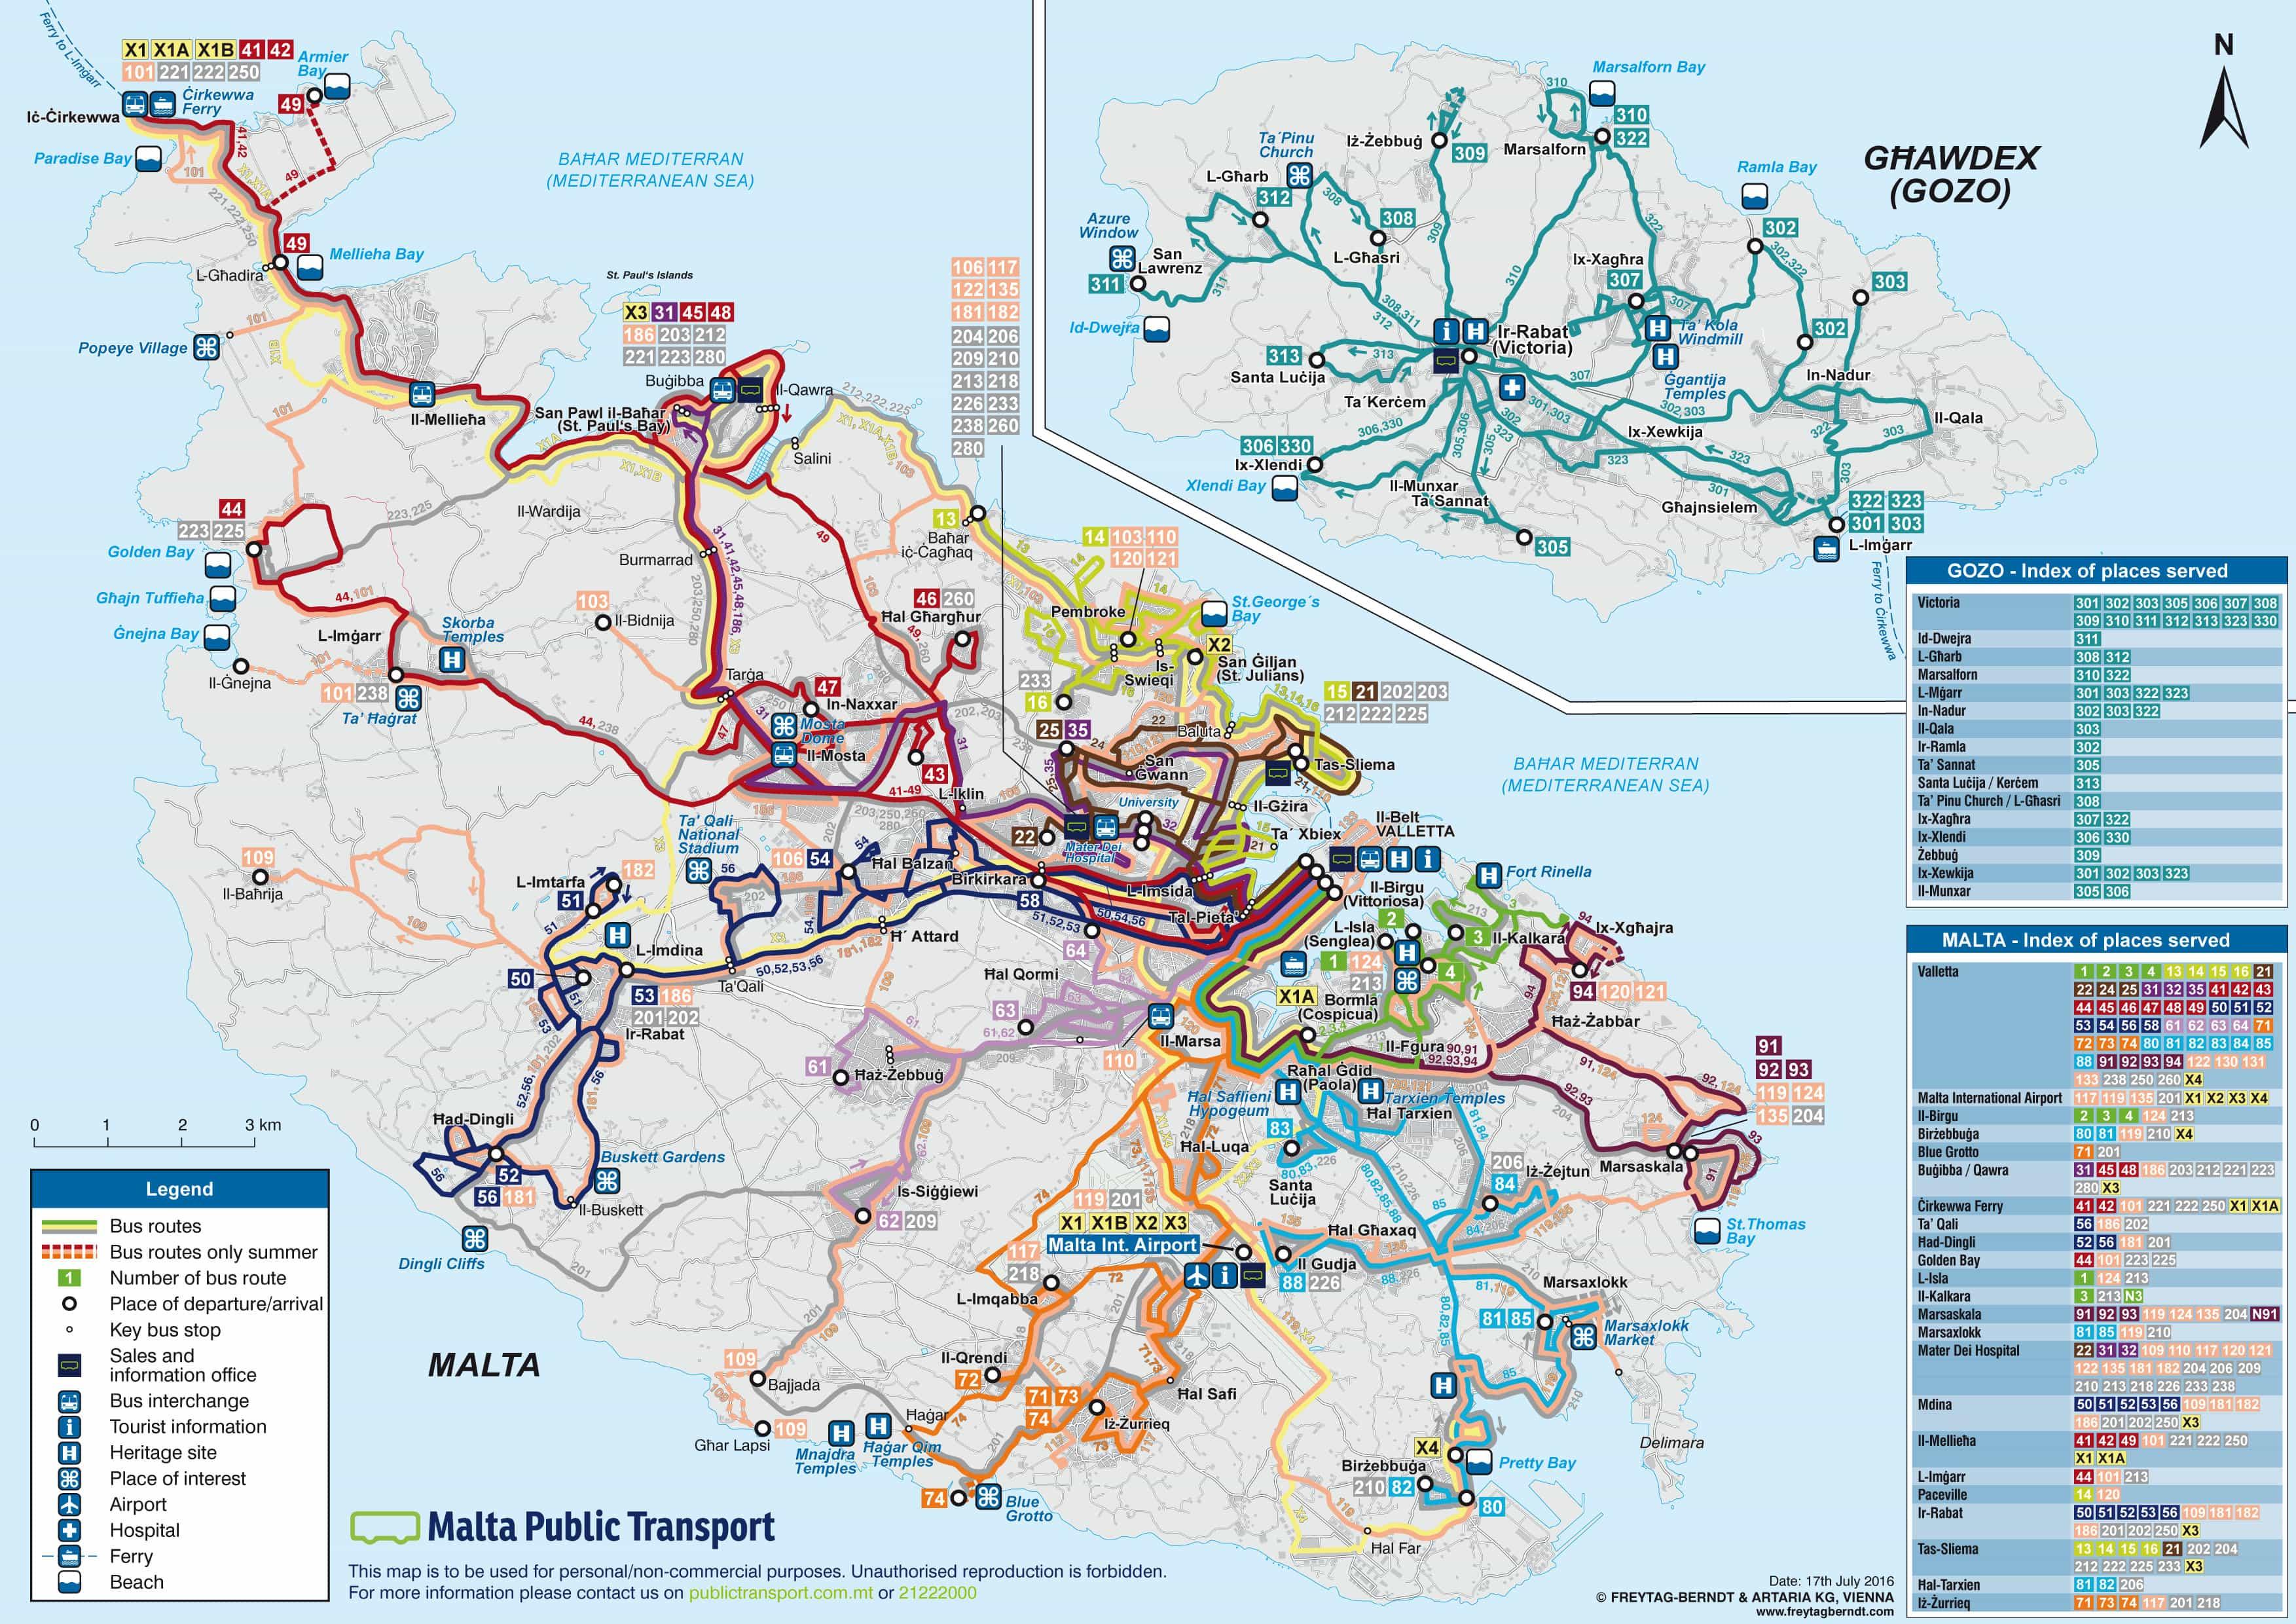 mappa delle rotte degli autobus a Malta